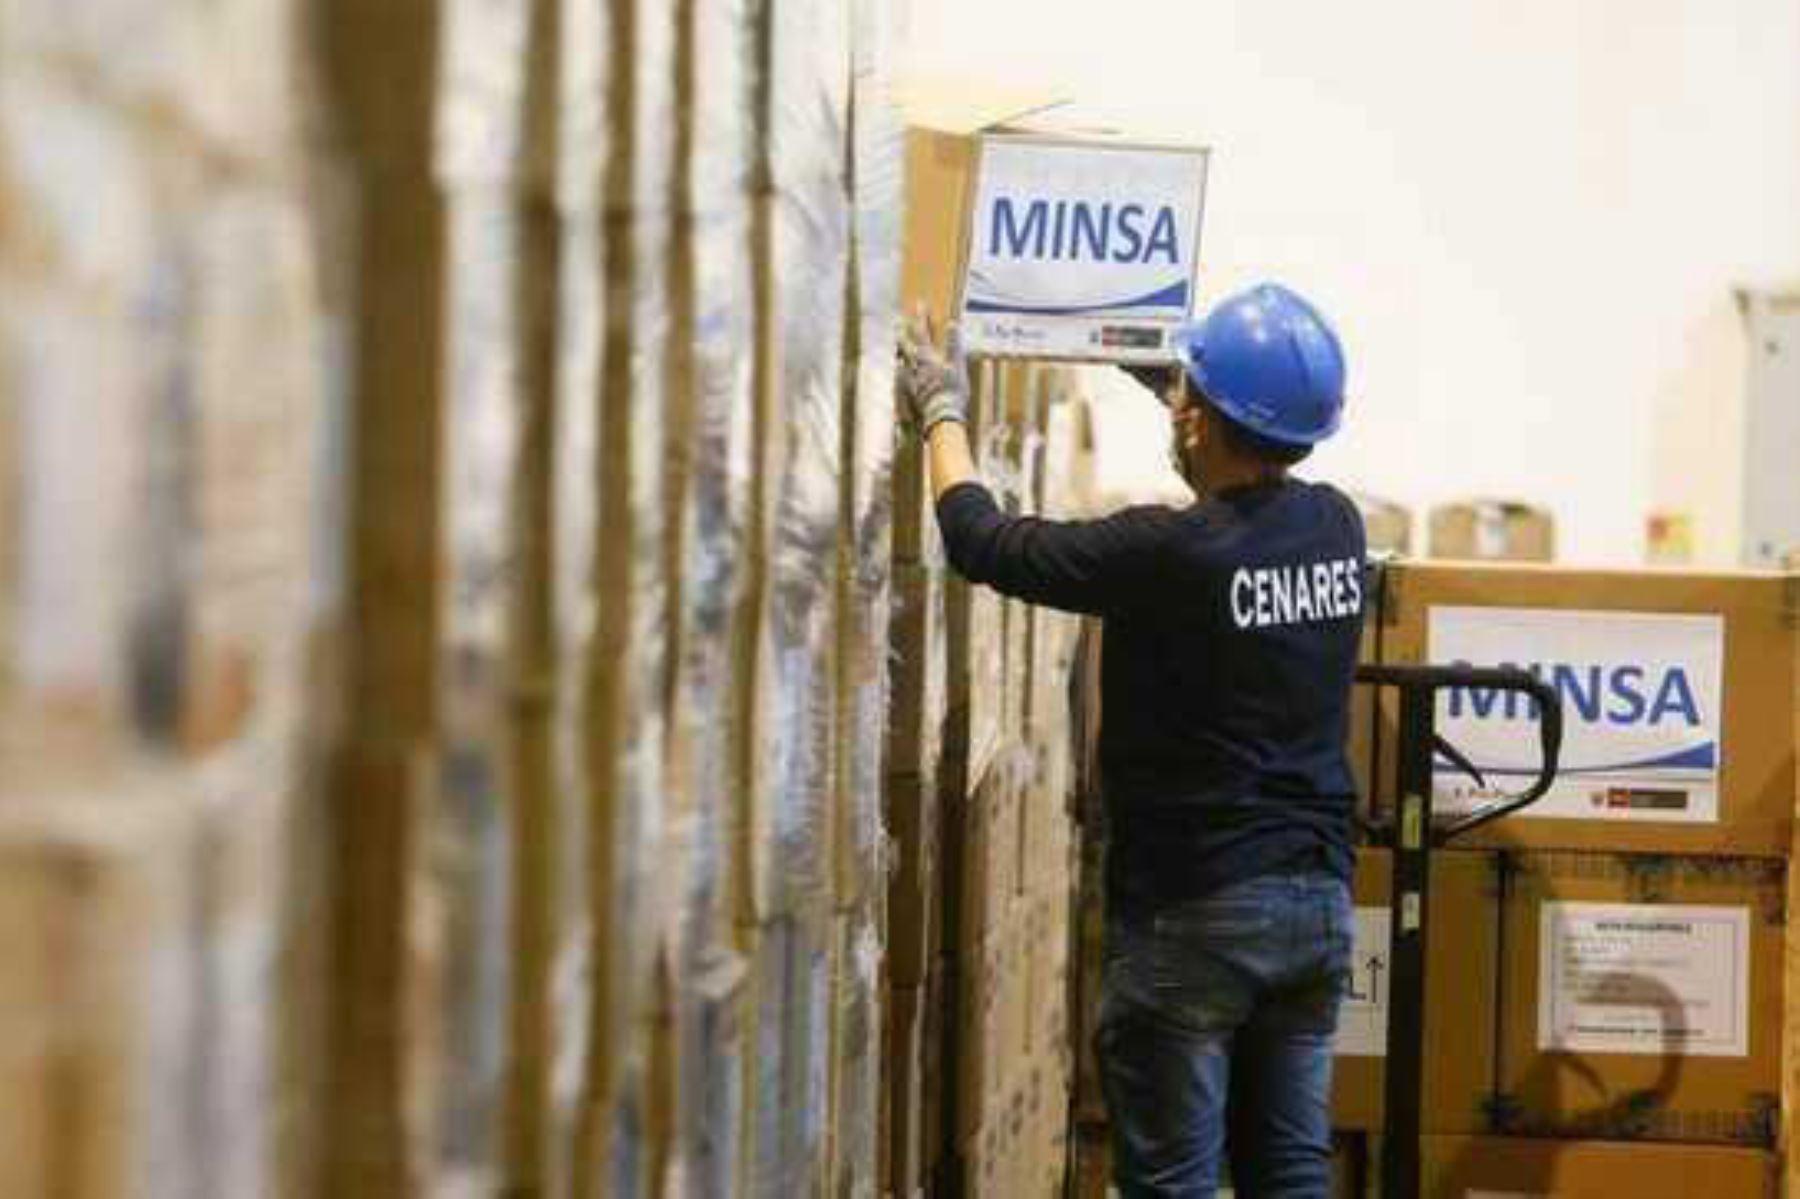 Se espera el arribo de nuevos cargamentos para mantener abastecidos los establecimientos de salud, con énfasis en los que están ubicados en las zonas de mayor impacto de la segunda ola pandémica del covid-19. Foto: ANDINA/Minsa